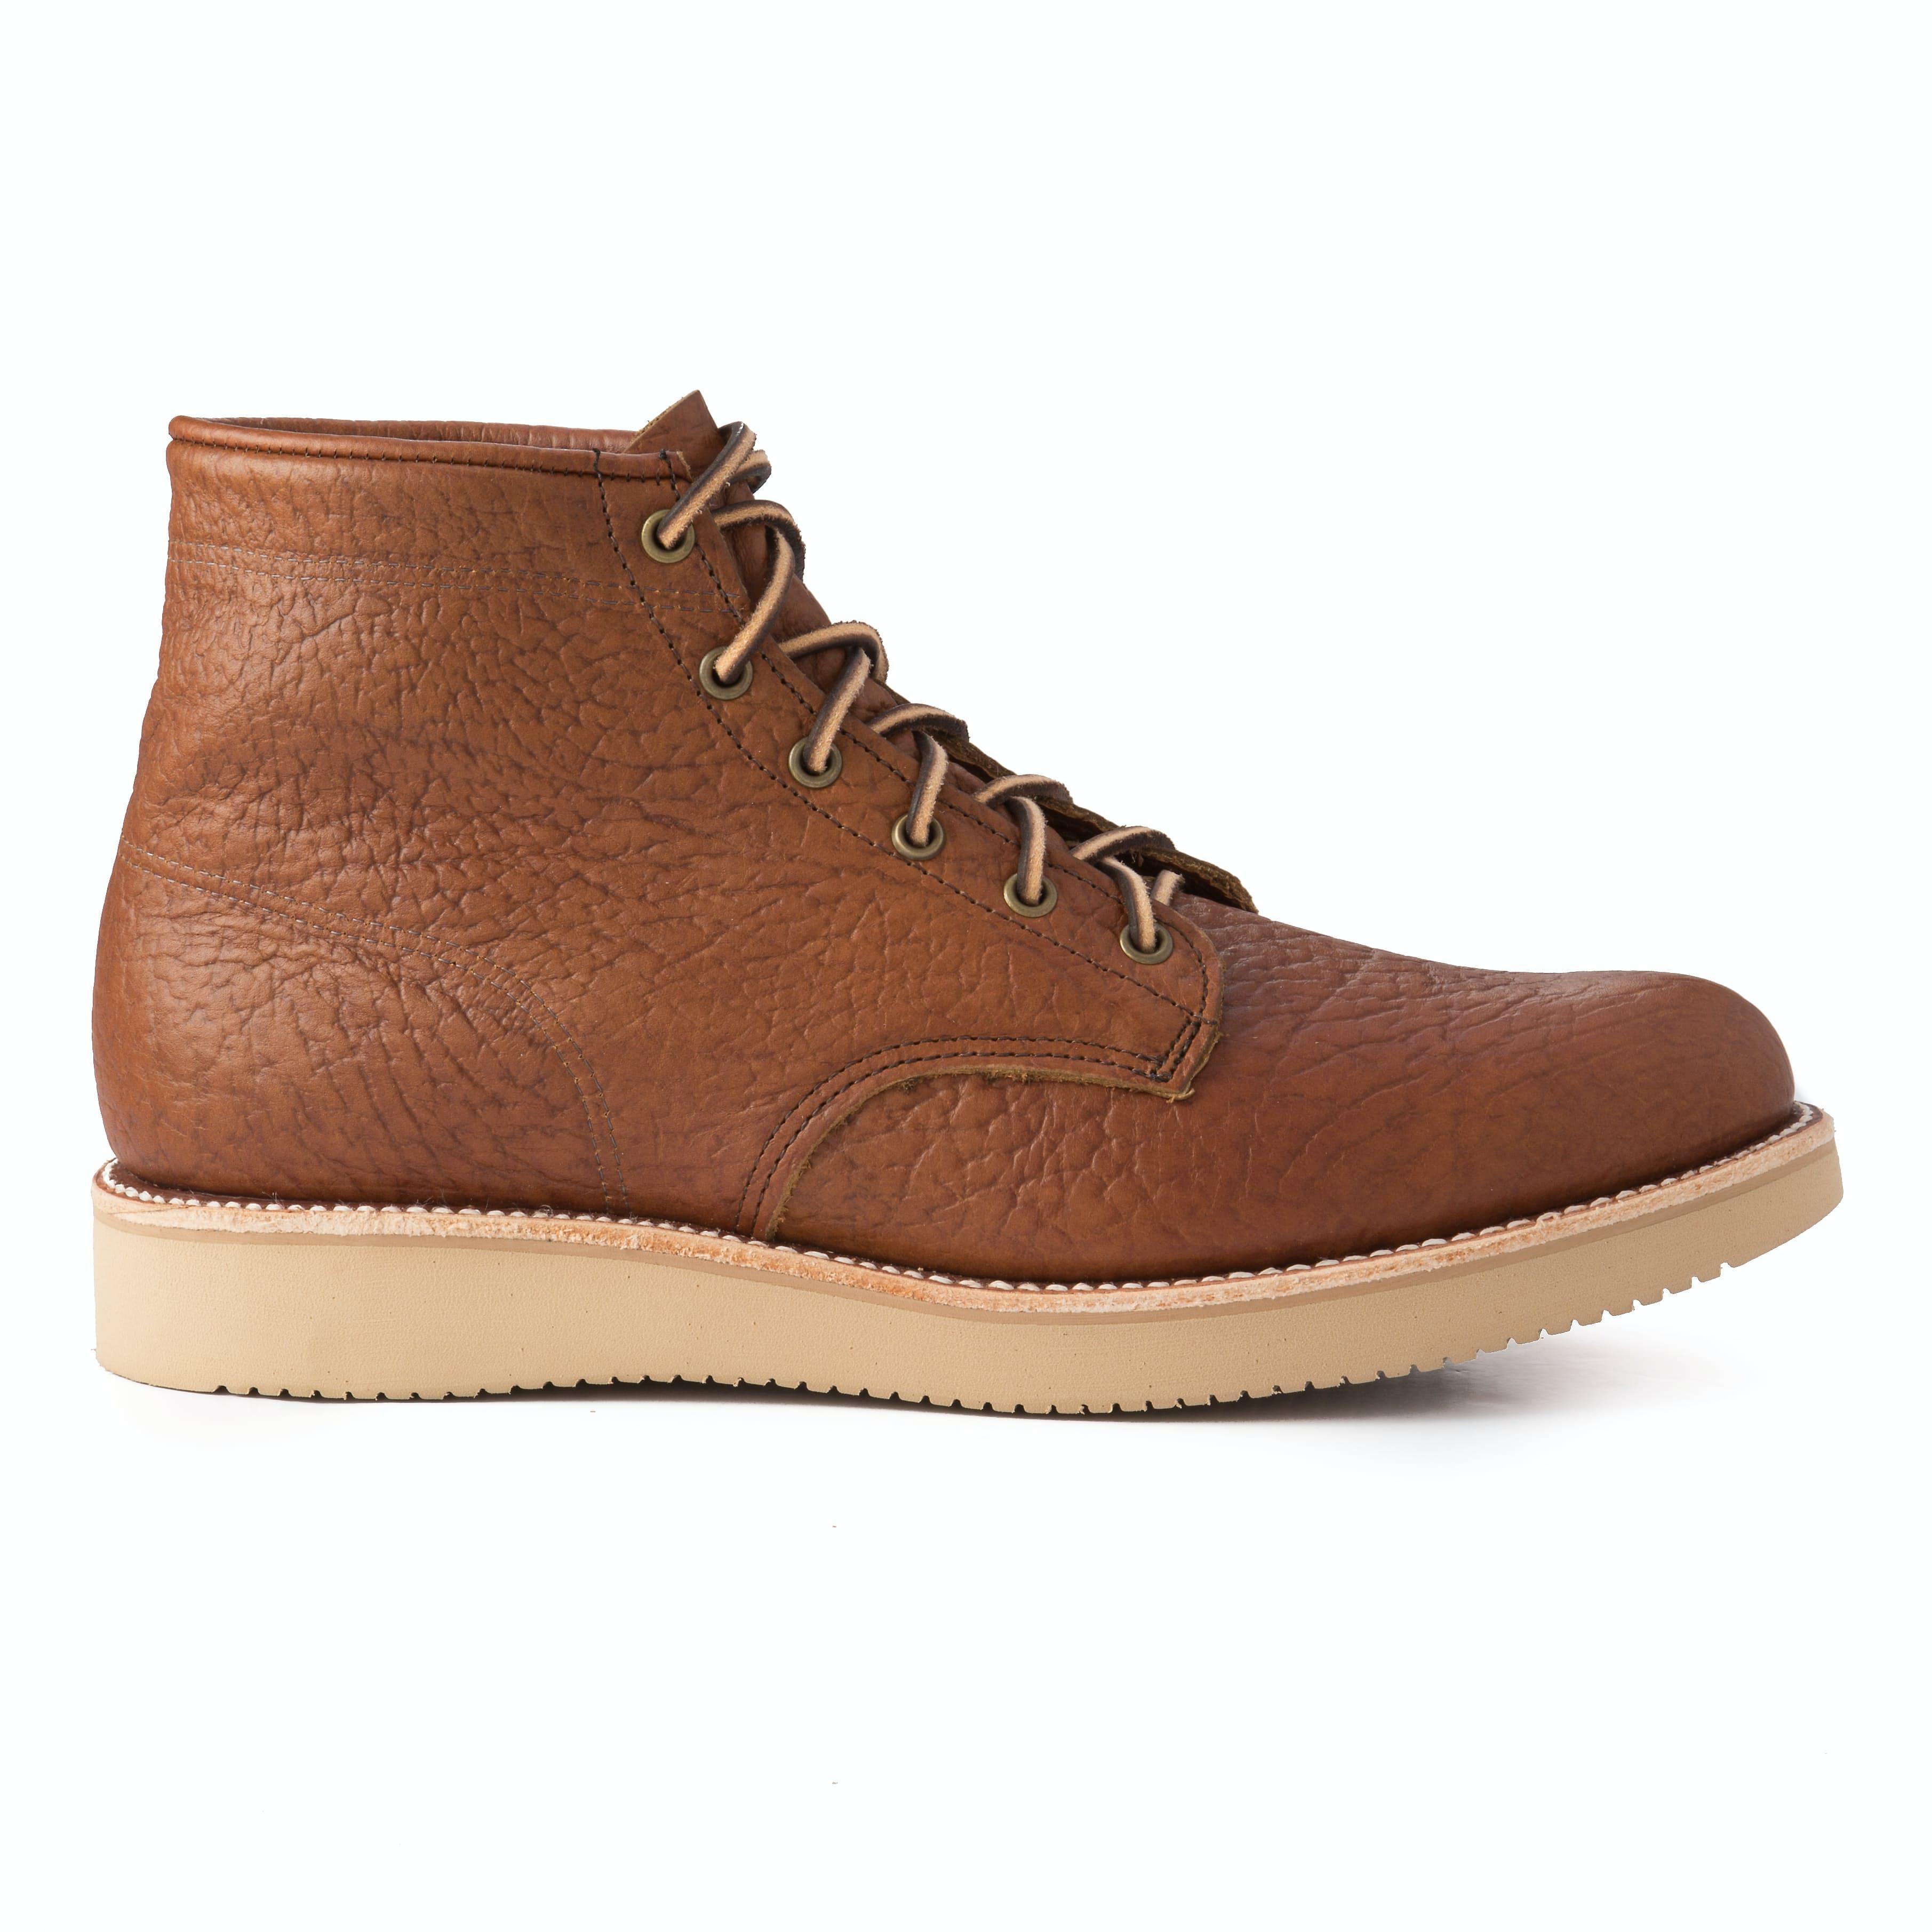 J56rsqemot mark albert bison traveler boot huckberry exclusive 0 original